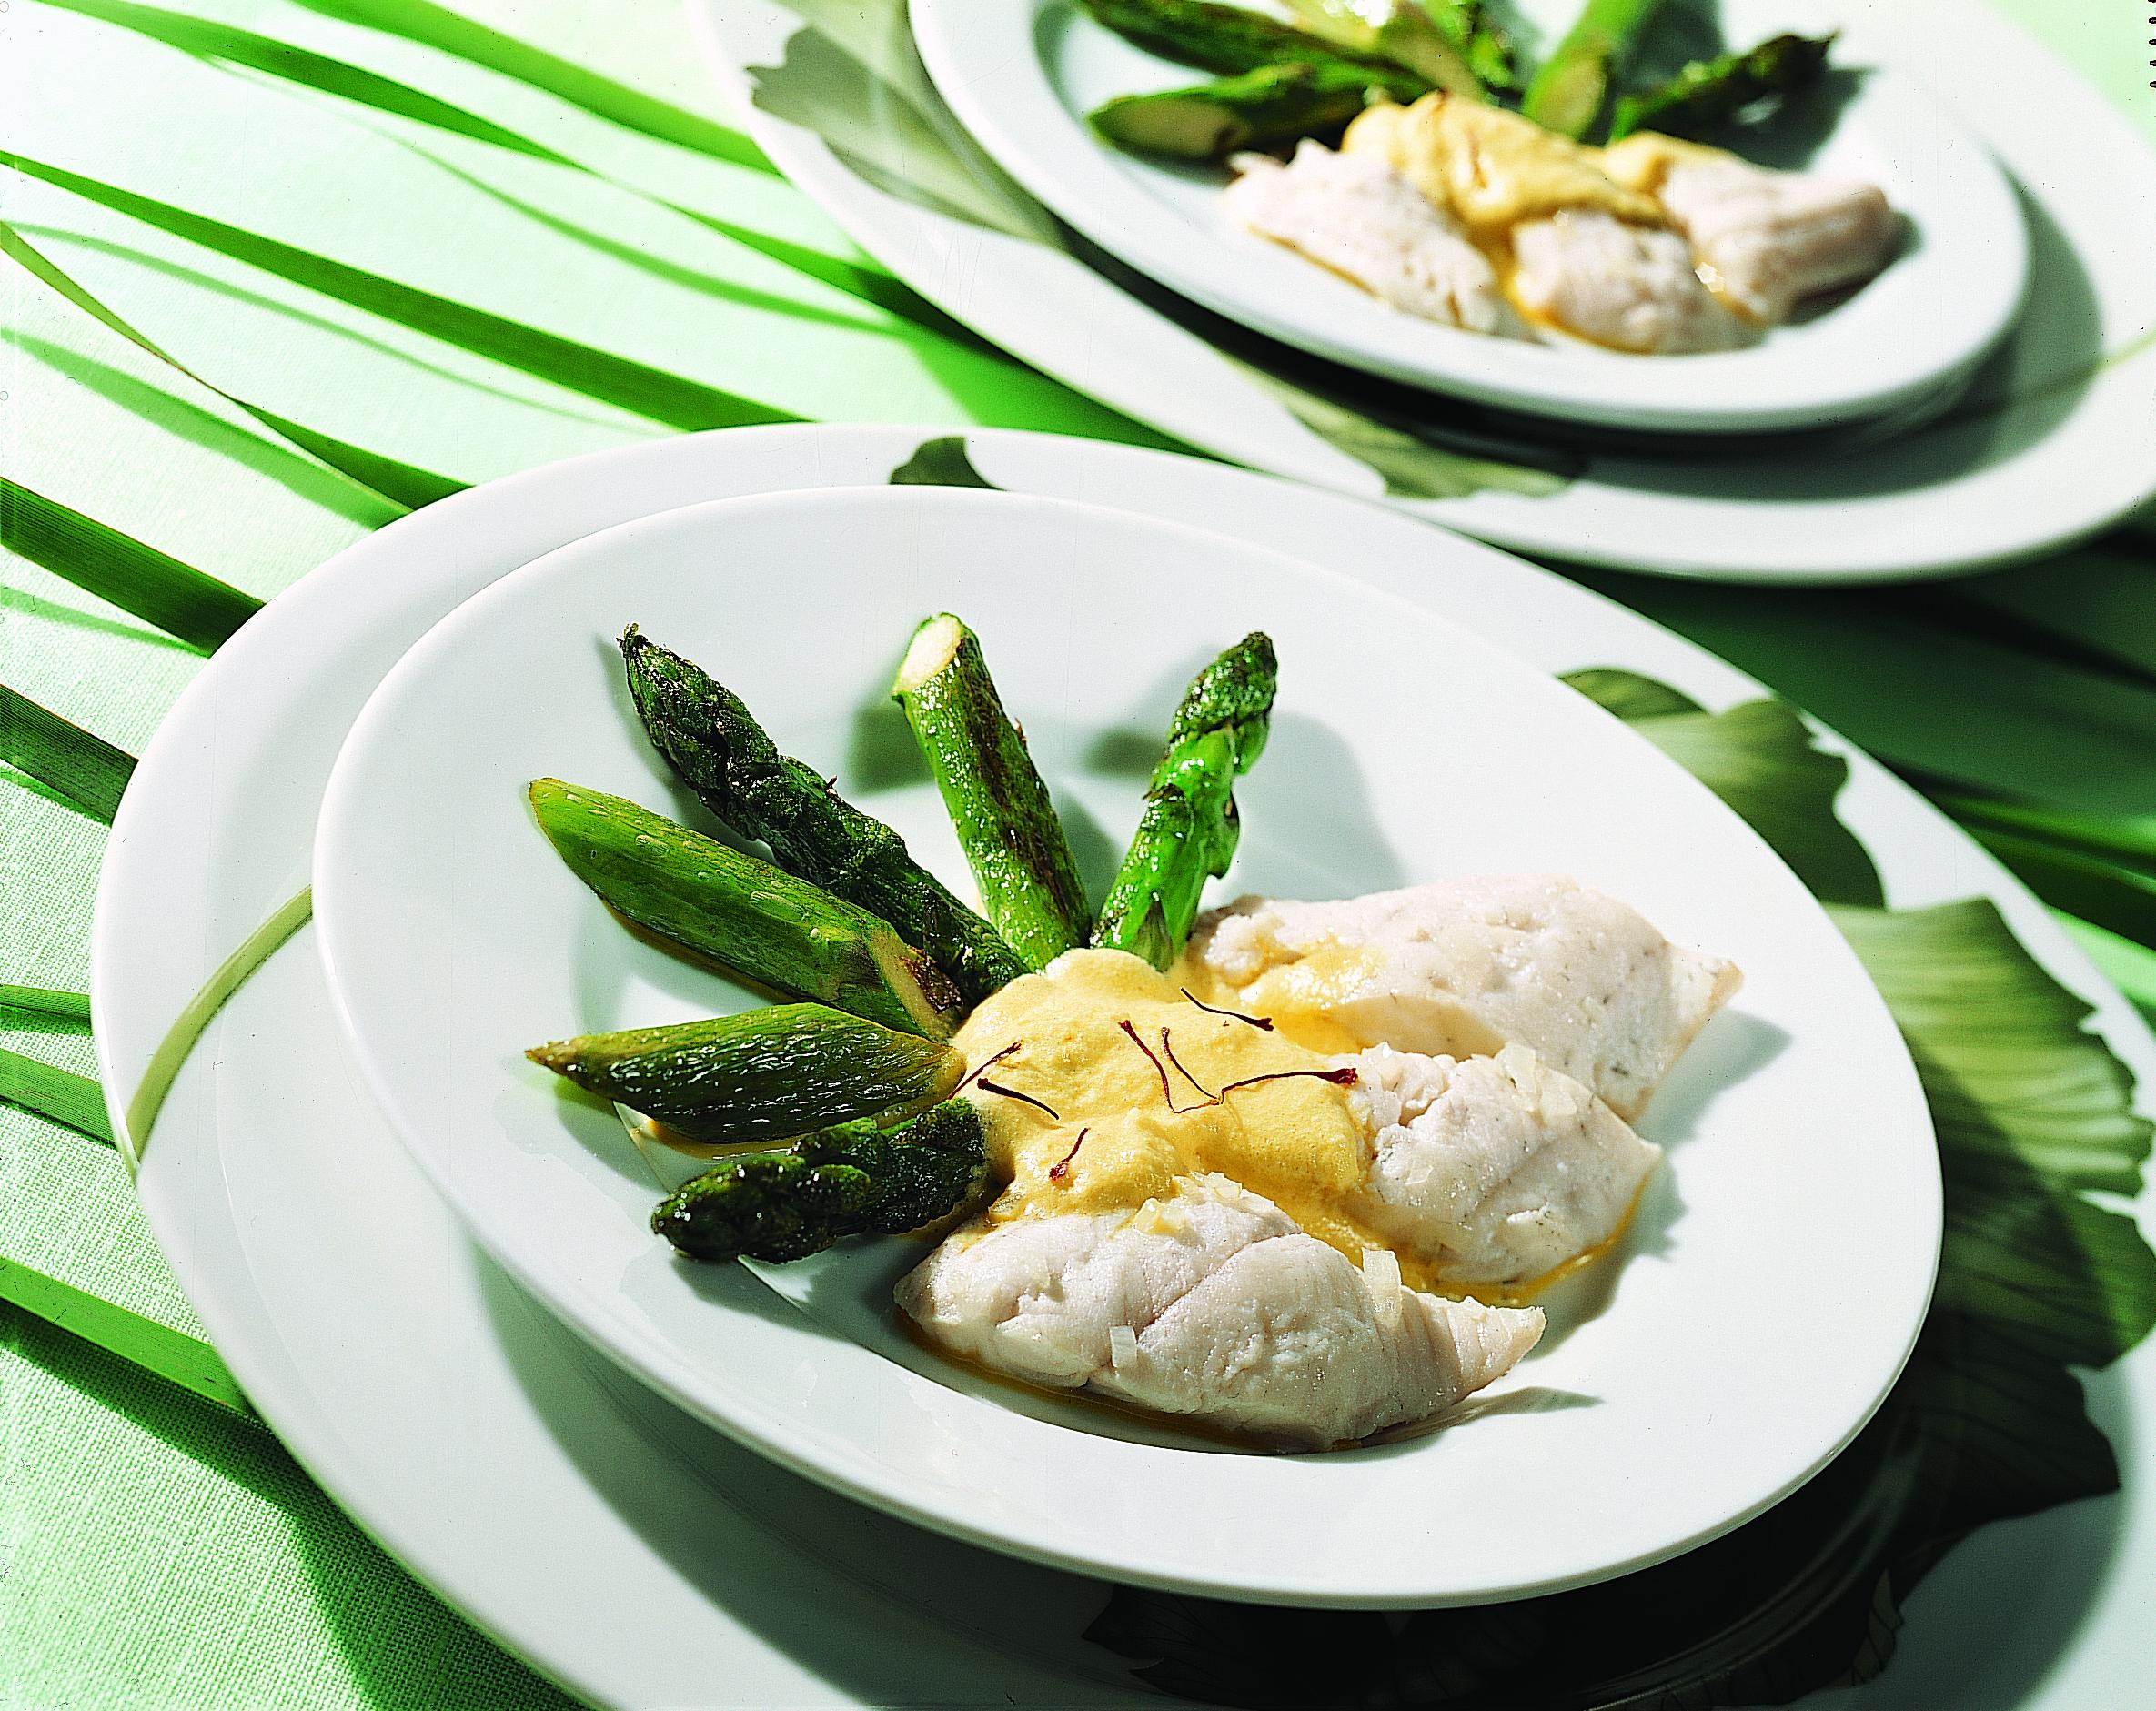 Filets de sandre, asperges et sauce au safran